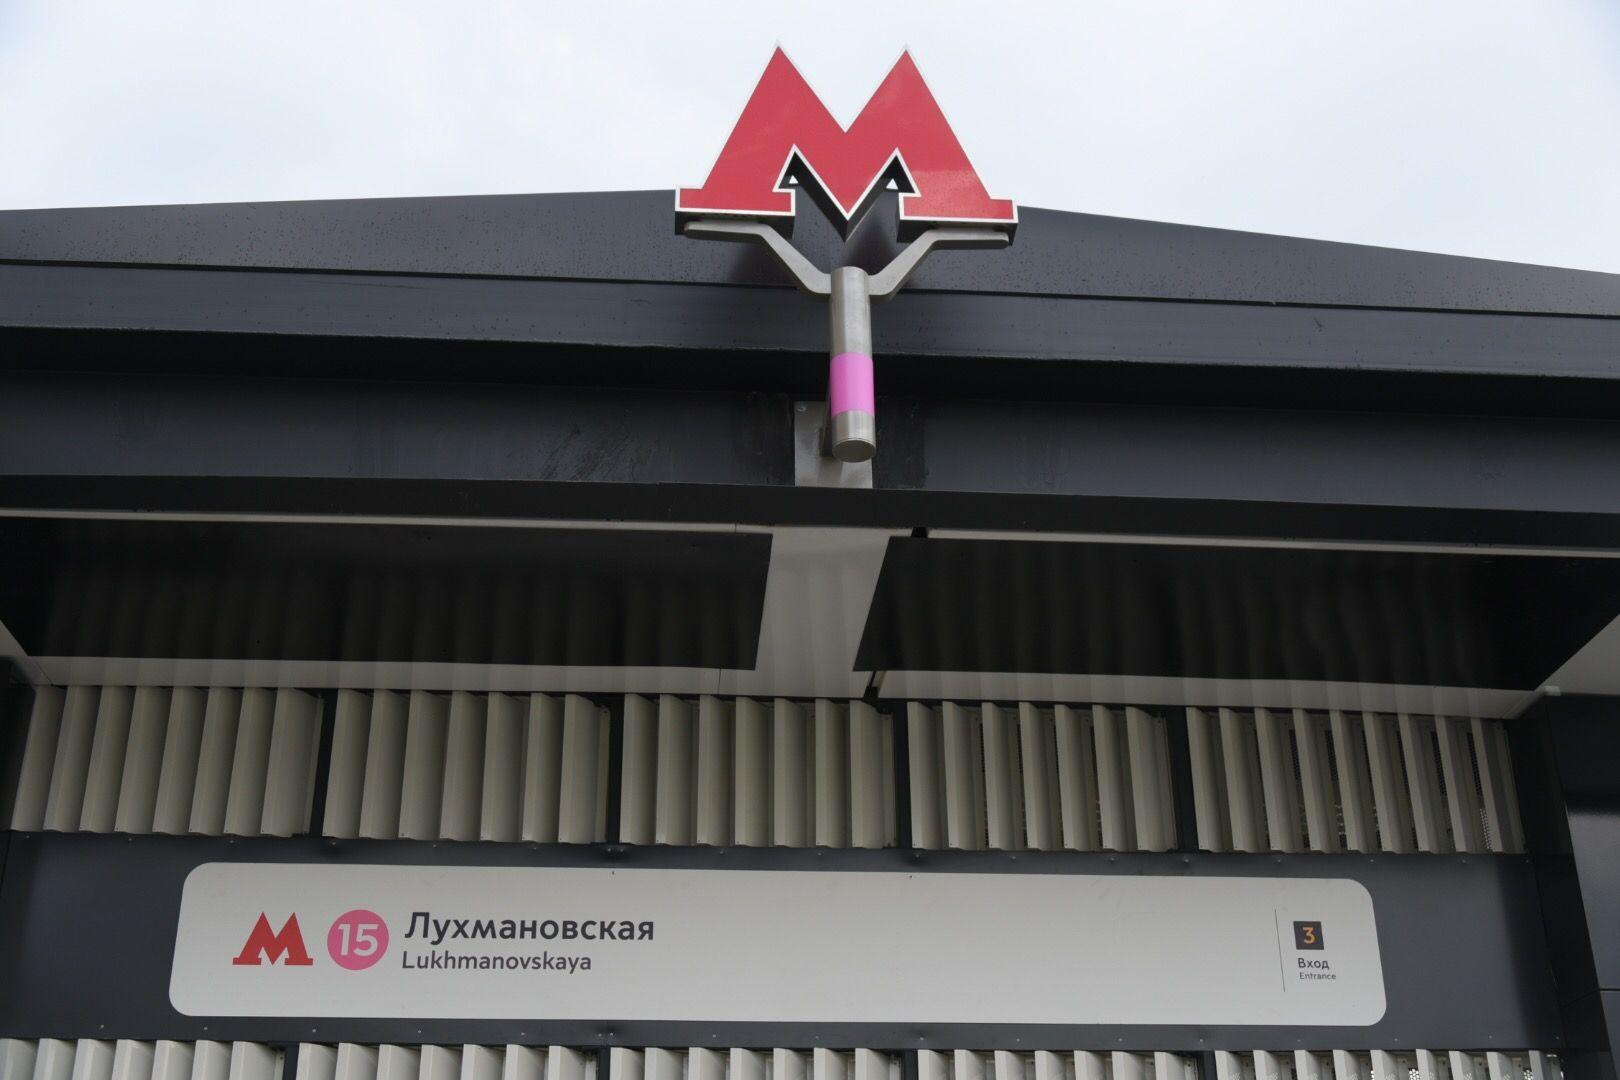 Первый участок Некрасовской линии метро откроют в июне